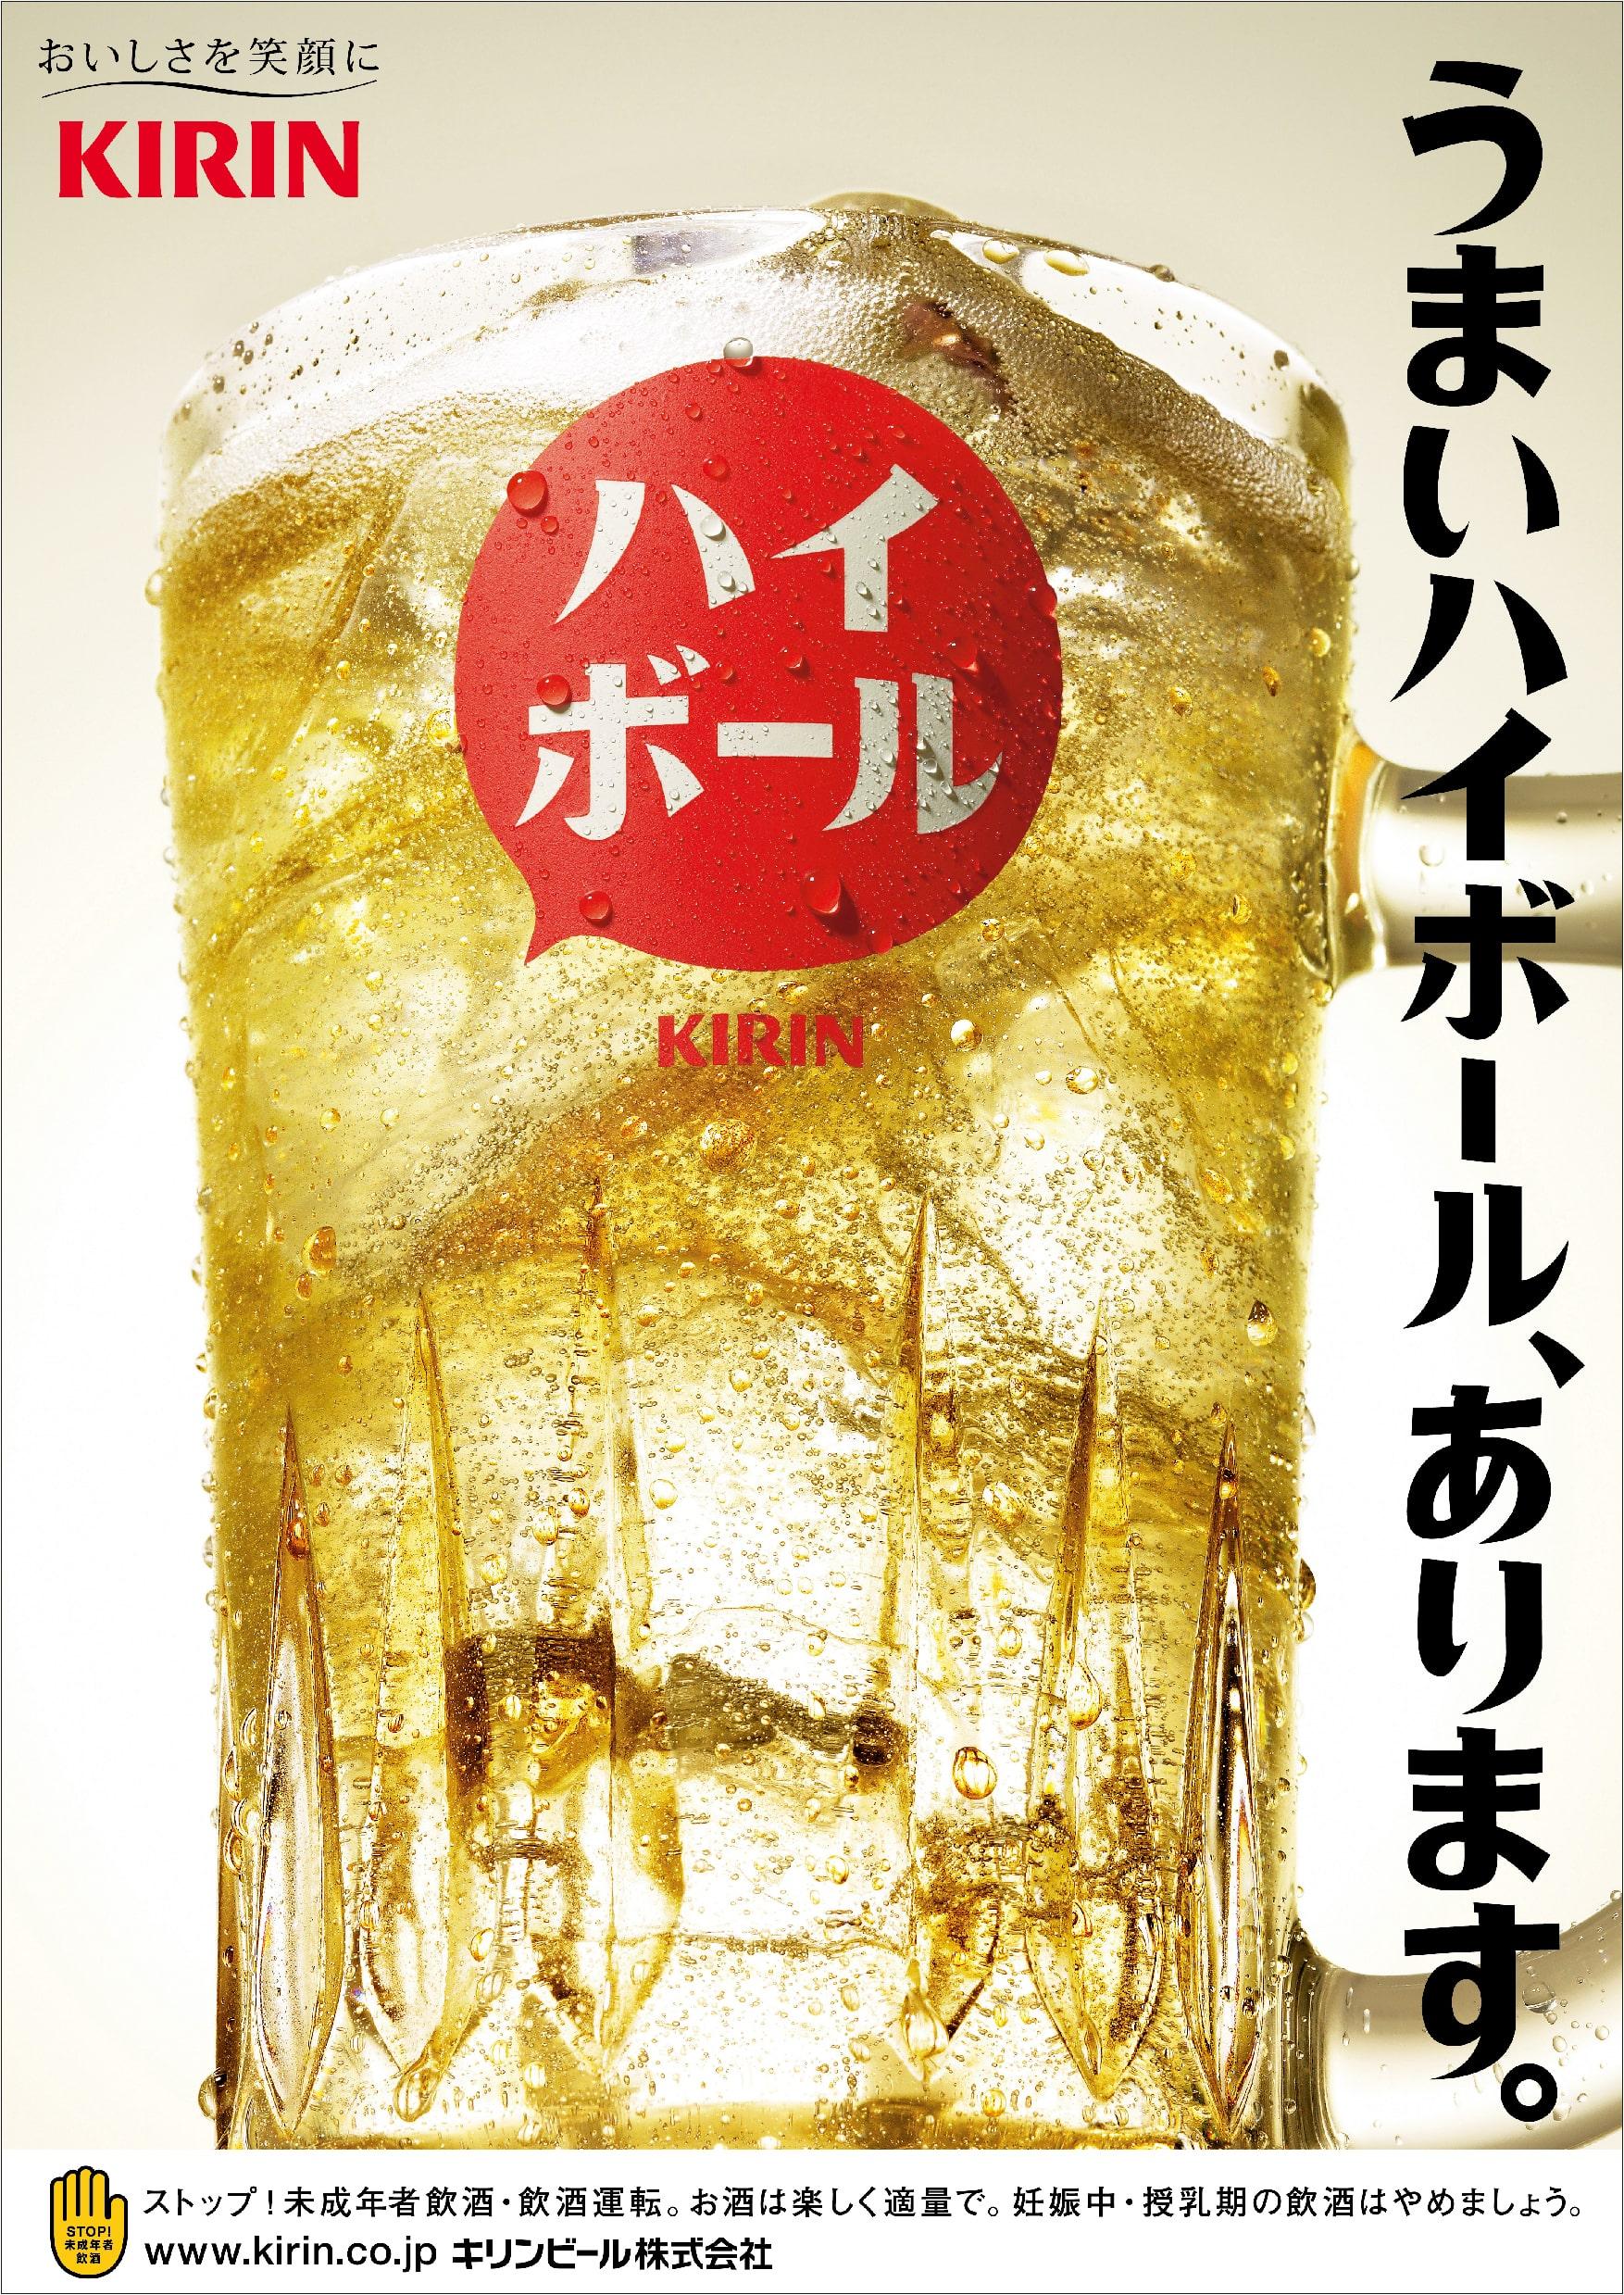 キリンビール-ハイボールのポスター